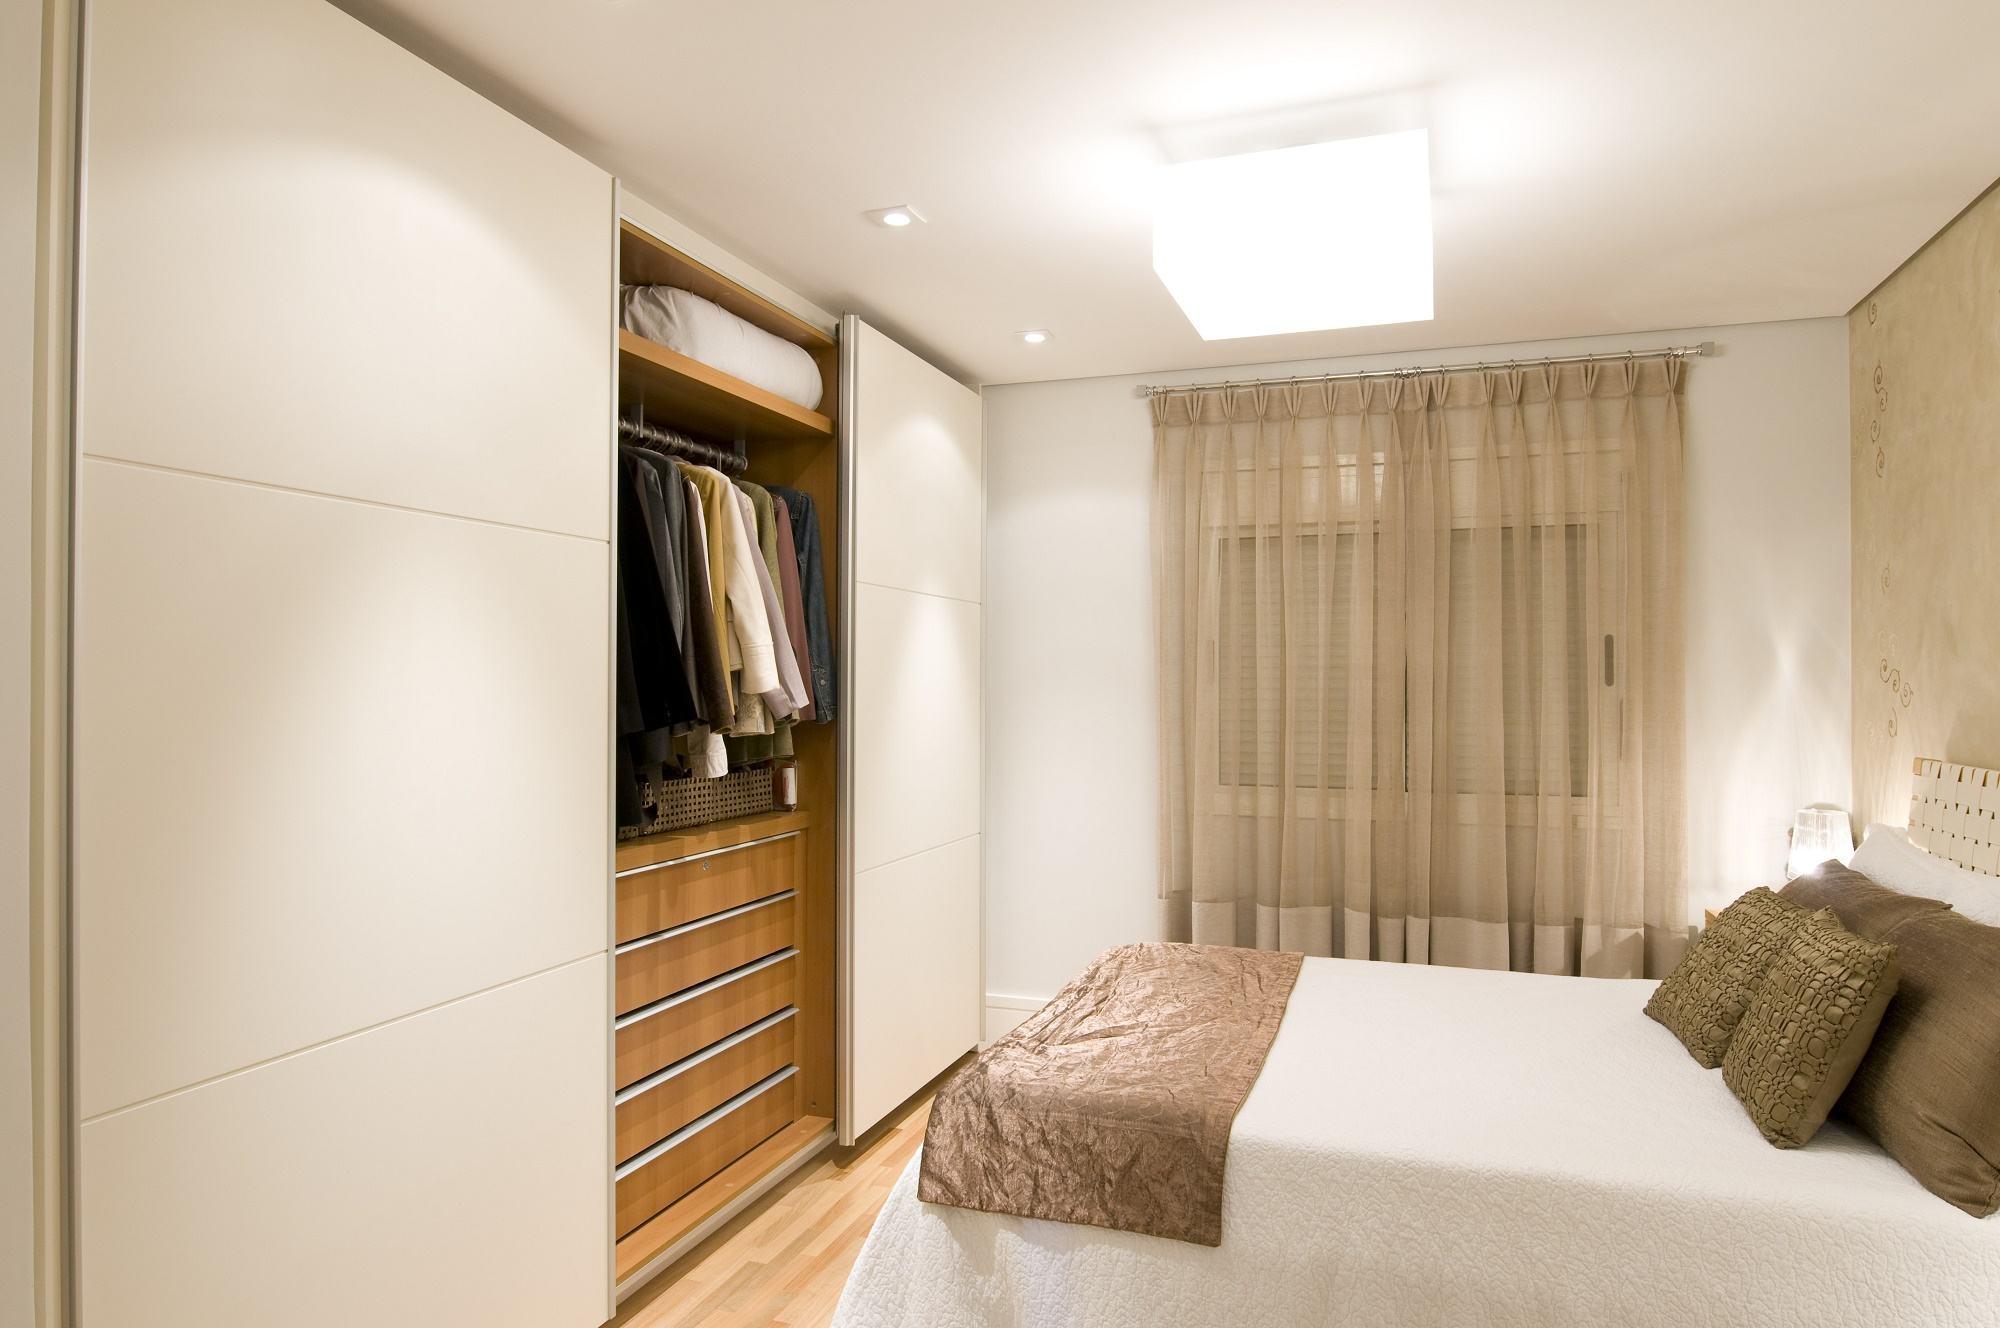 Fotos De Quarto De Casal Pequeno Planejado Redival Com ~ Quarto De Solteiro Planejado Para Apartamento Pequeno